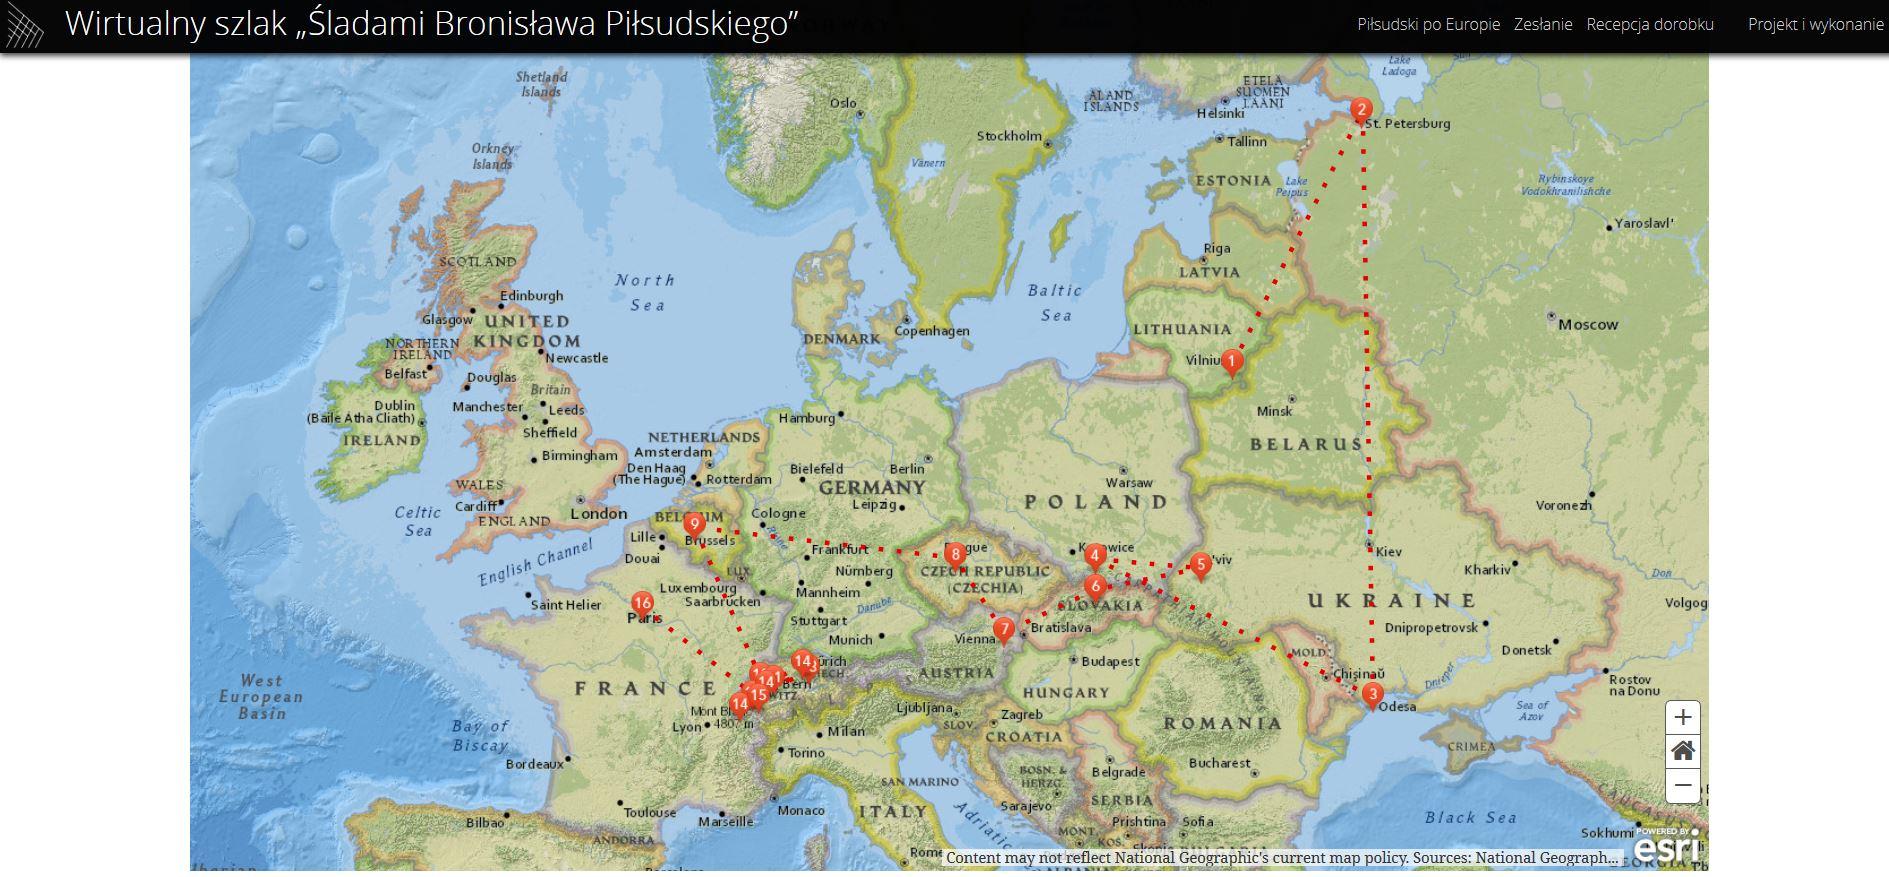 Rys. 1. Mapa podróży Bronisława Piłsudskiego po Europie